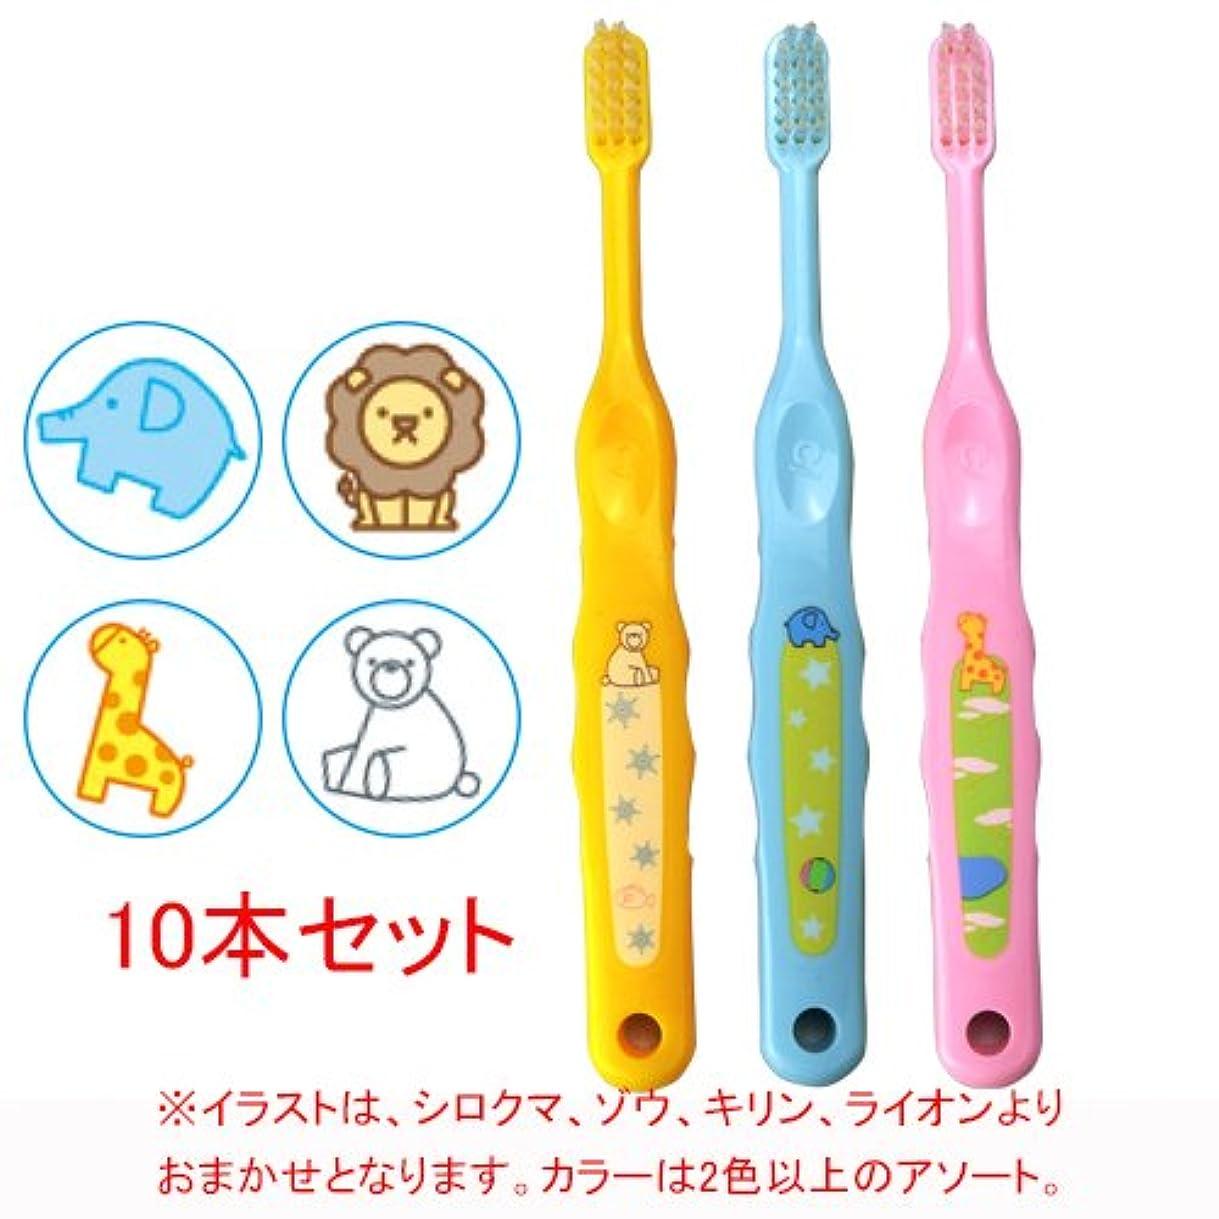 低い比較不変Ciメディカル Ci なまえ歯ブラシ 503 (やわらかめ) (乳児~小学生向)10本